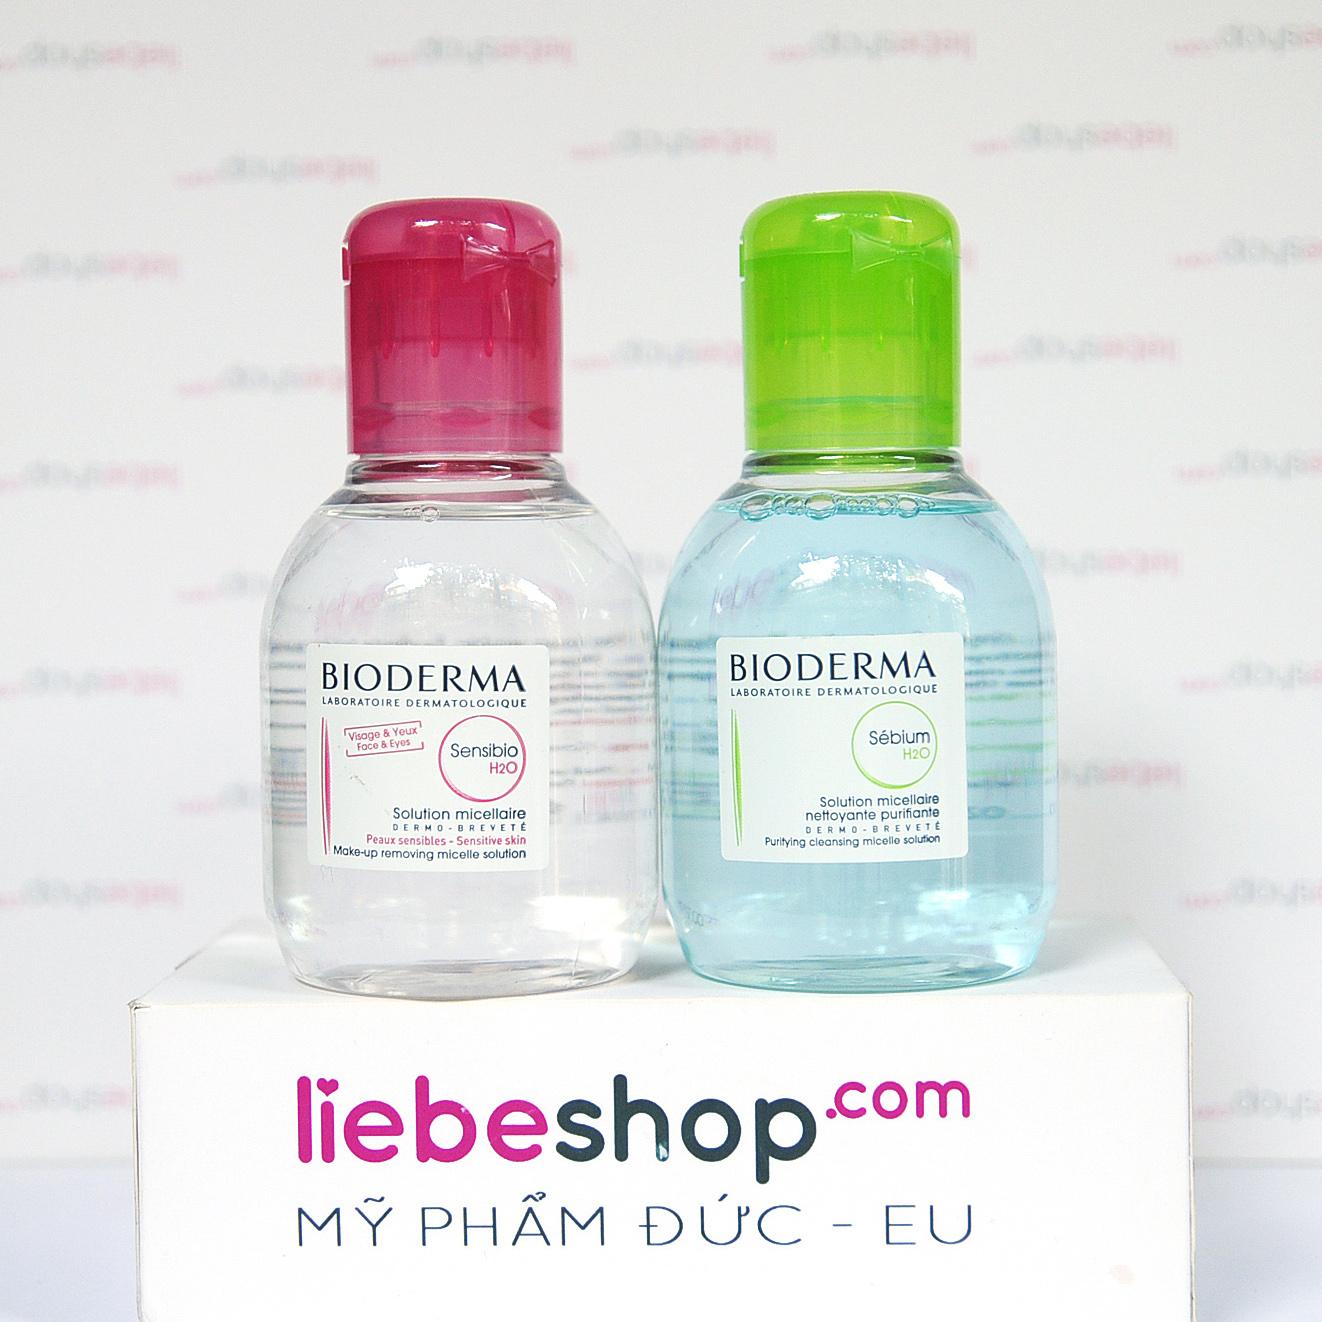 Nước tẩy trang Bioderma - Mỹ phẩm xách tay Đức - Pháp Ý EU